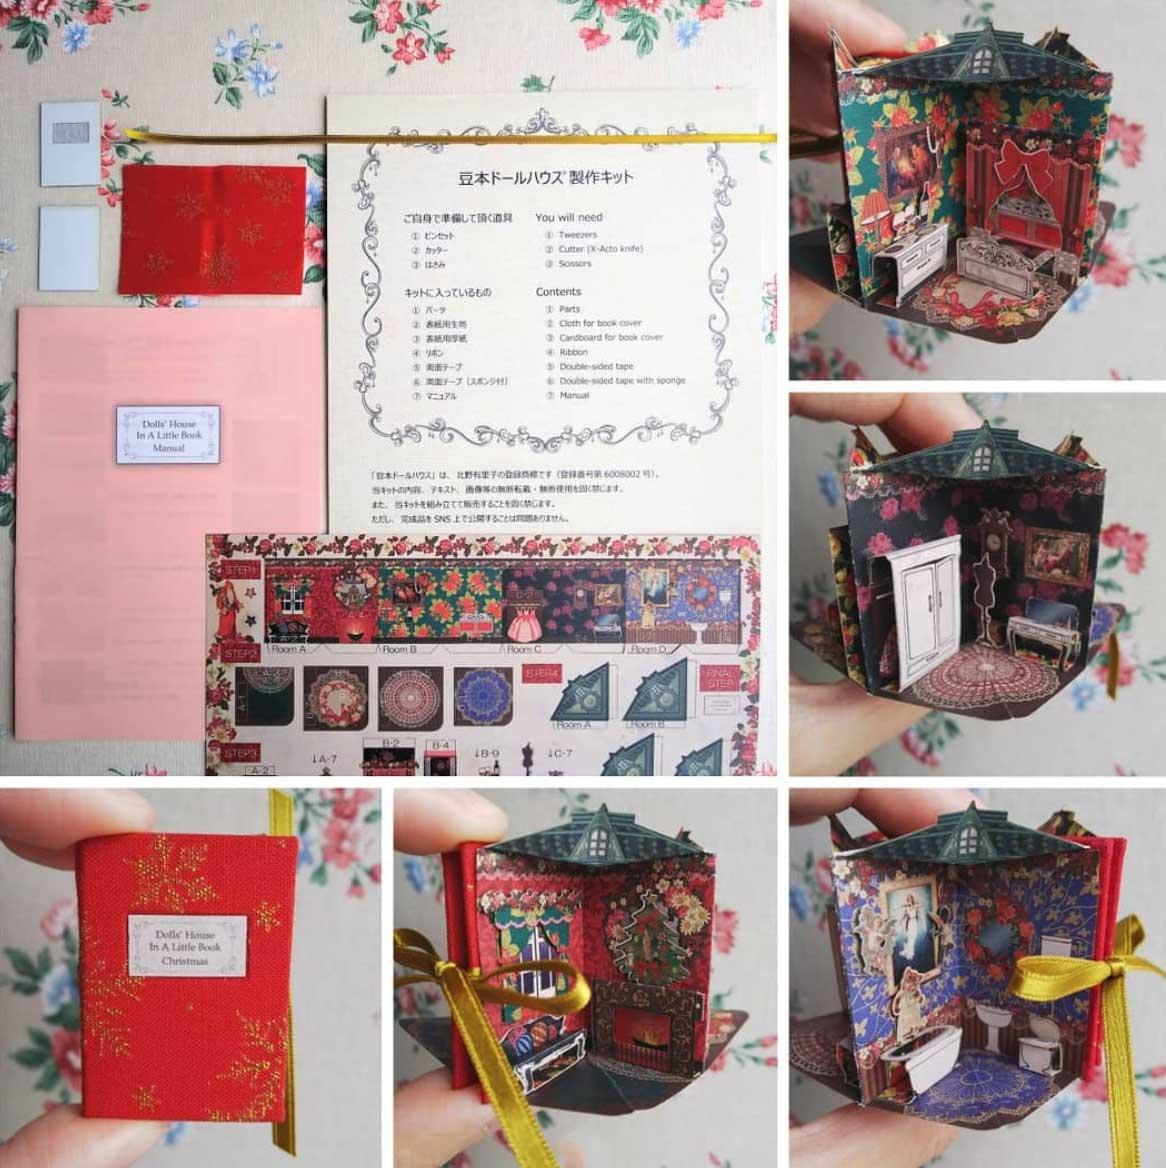 Miniatur-Pop-up-Bücher von Zhihui miniatur-pop-up-buecher-Zhihui_04